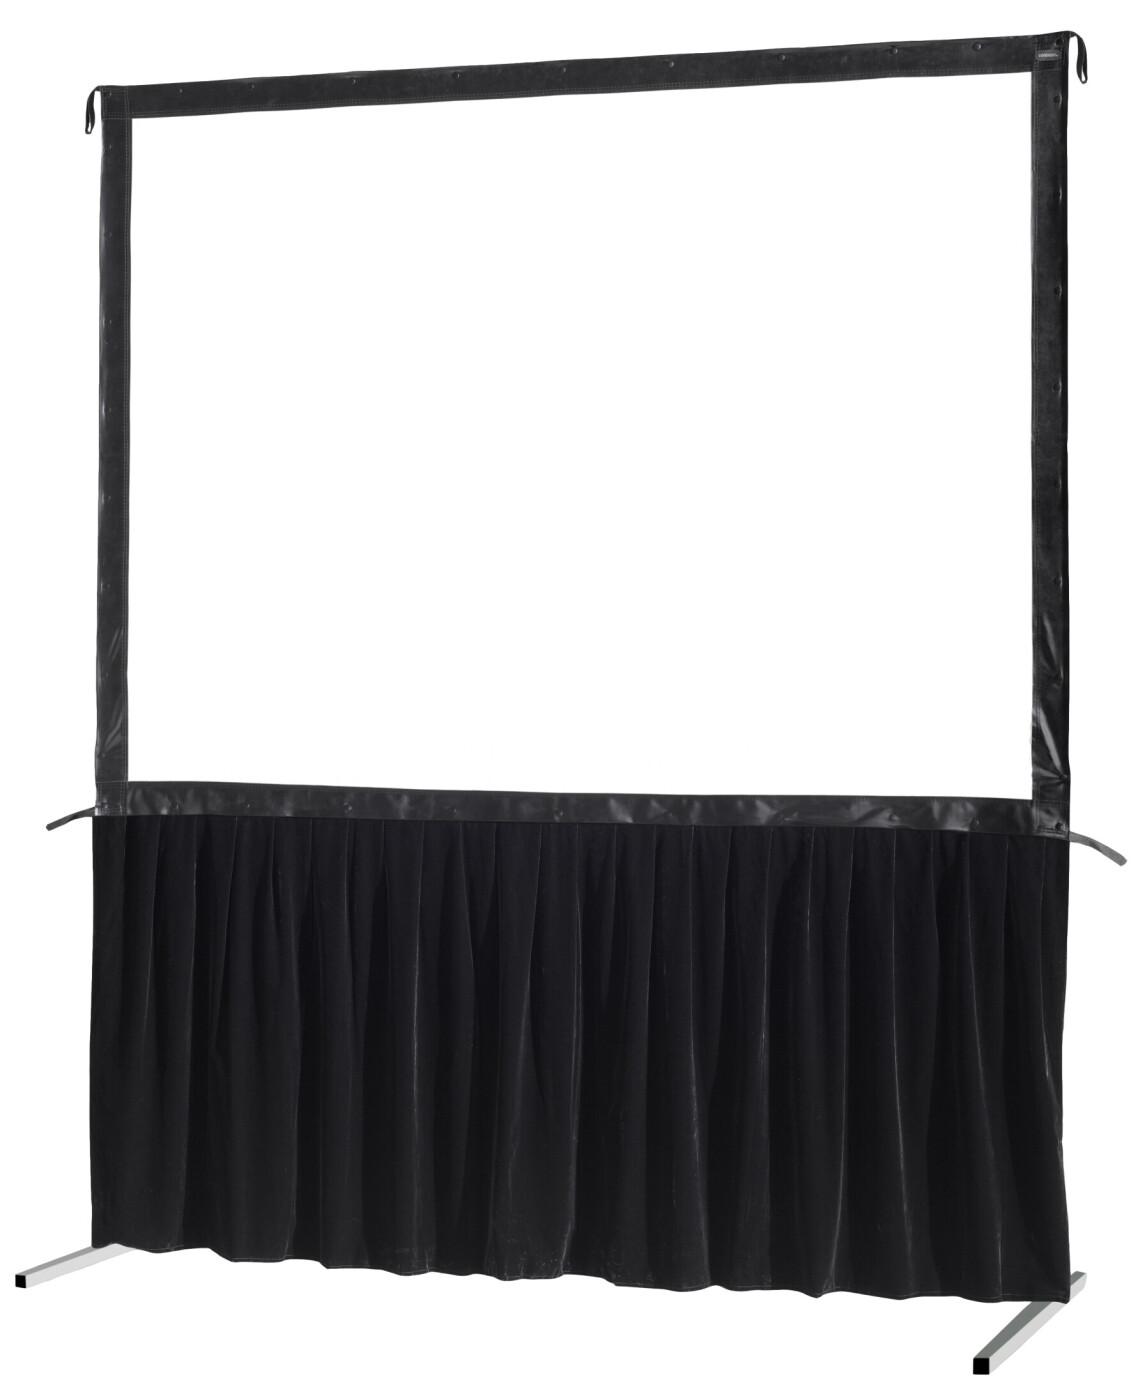 Set tenda 1 lato per schermo pieghevole Mobil Expert 203 x 127 cm